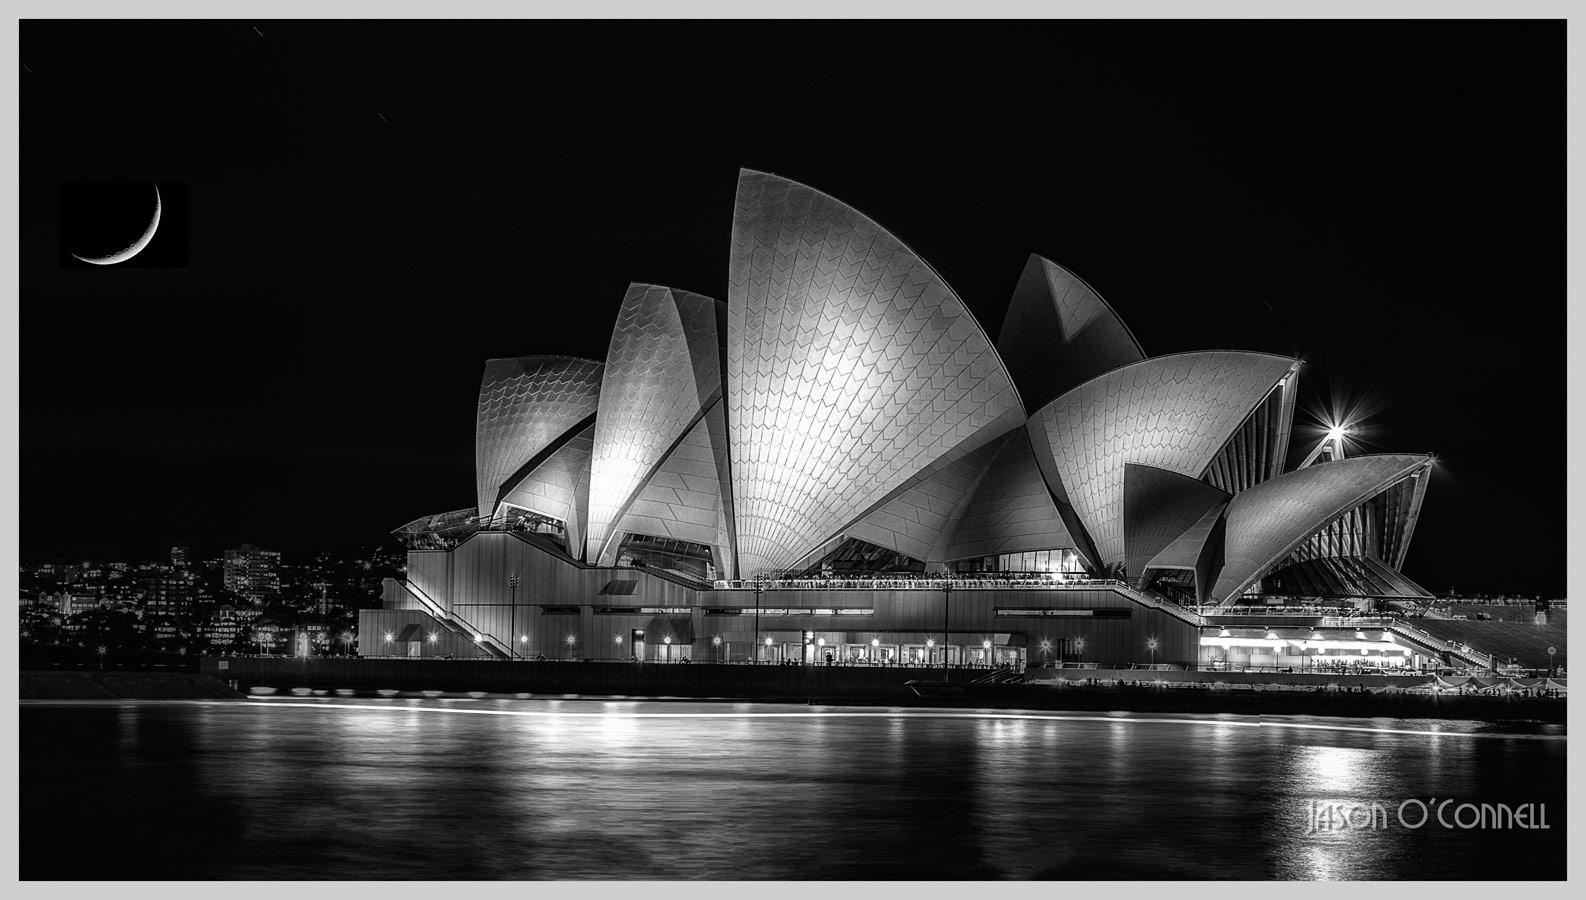 Полумесяц у Сиднейского оперного театра, © Джейсон О'Коннелл, Канада, Фильтр: PL/ND, Фотоконкурс Marumi «Городской пейзаж со светофильтром»